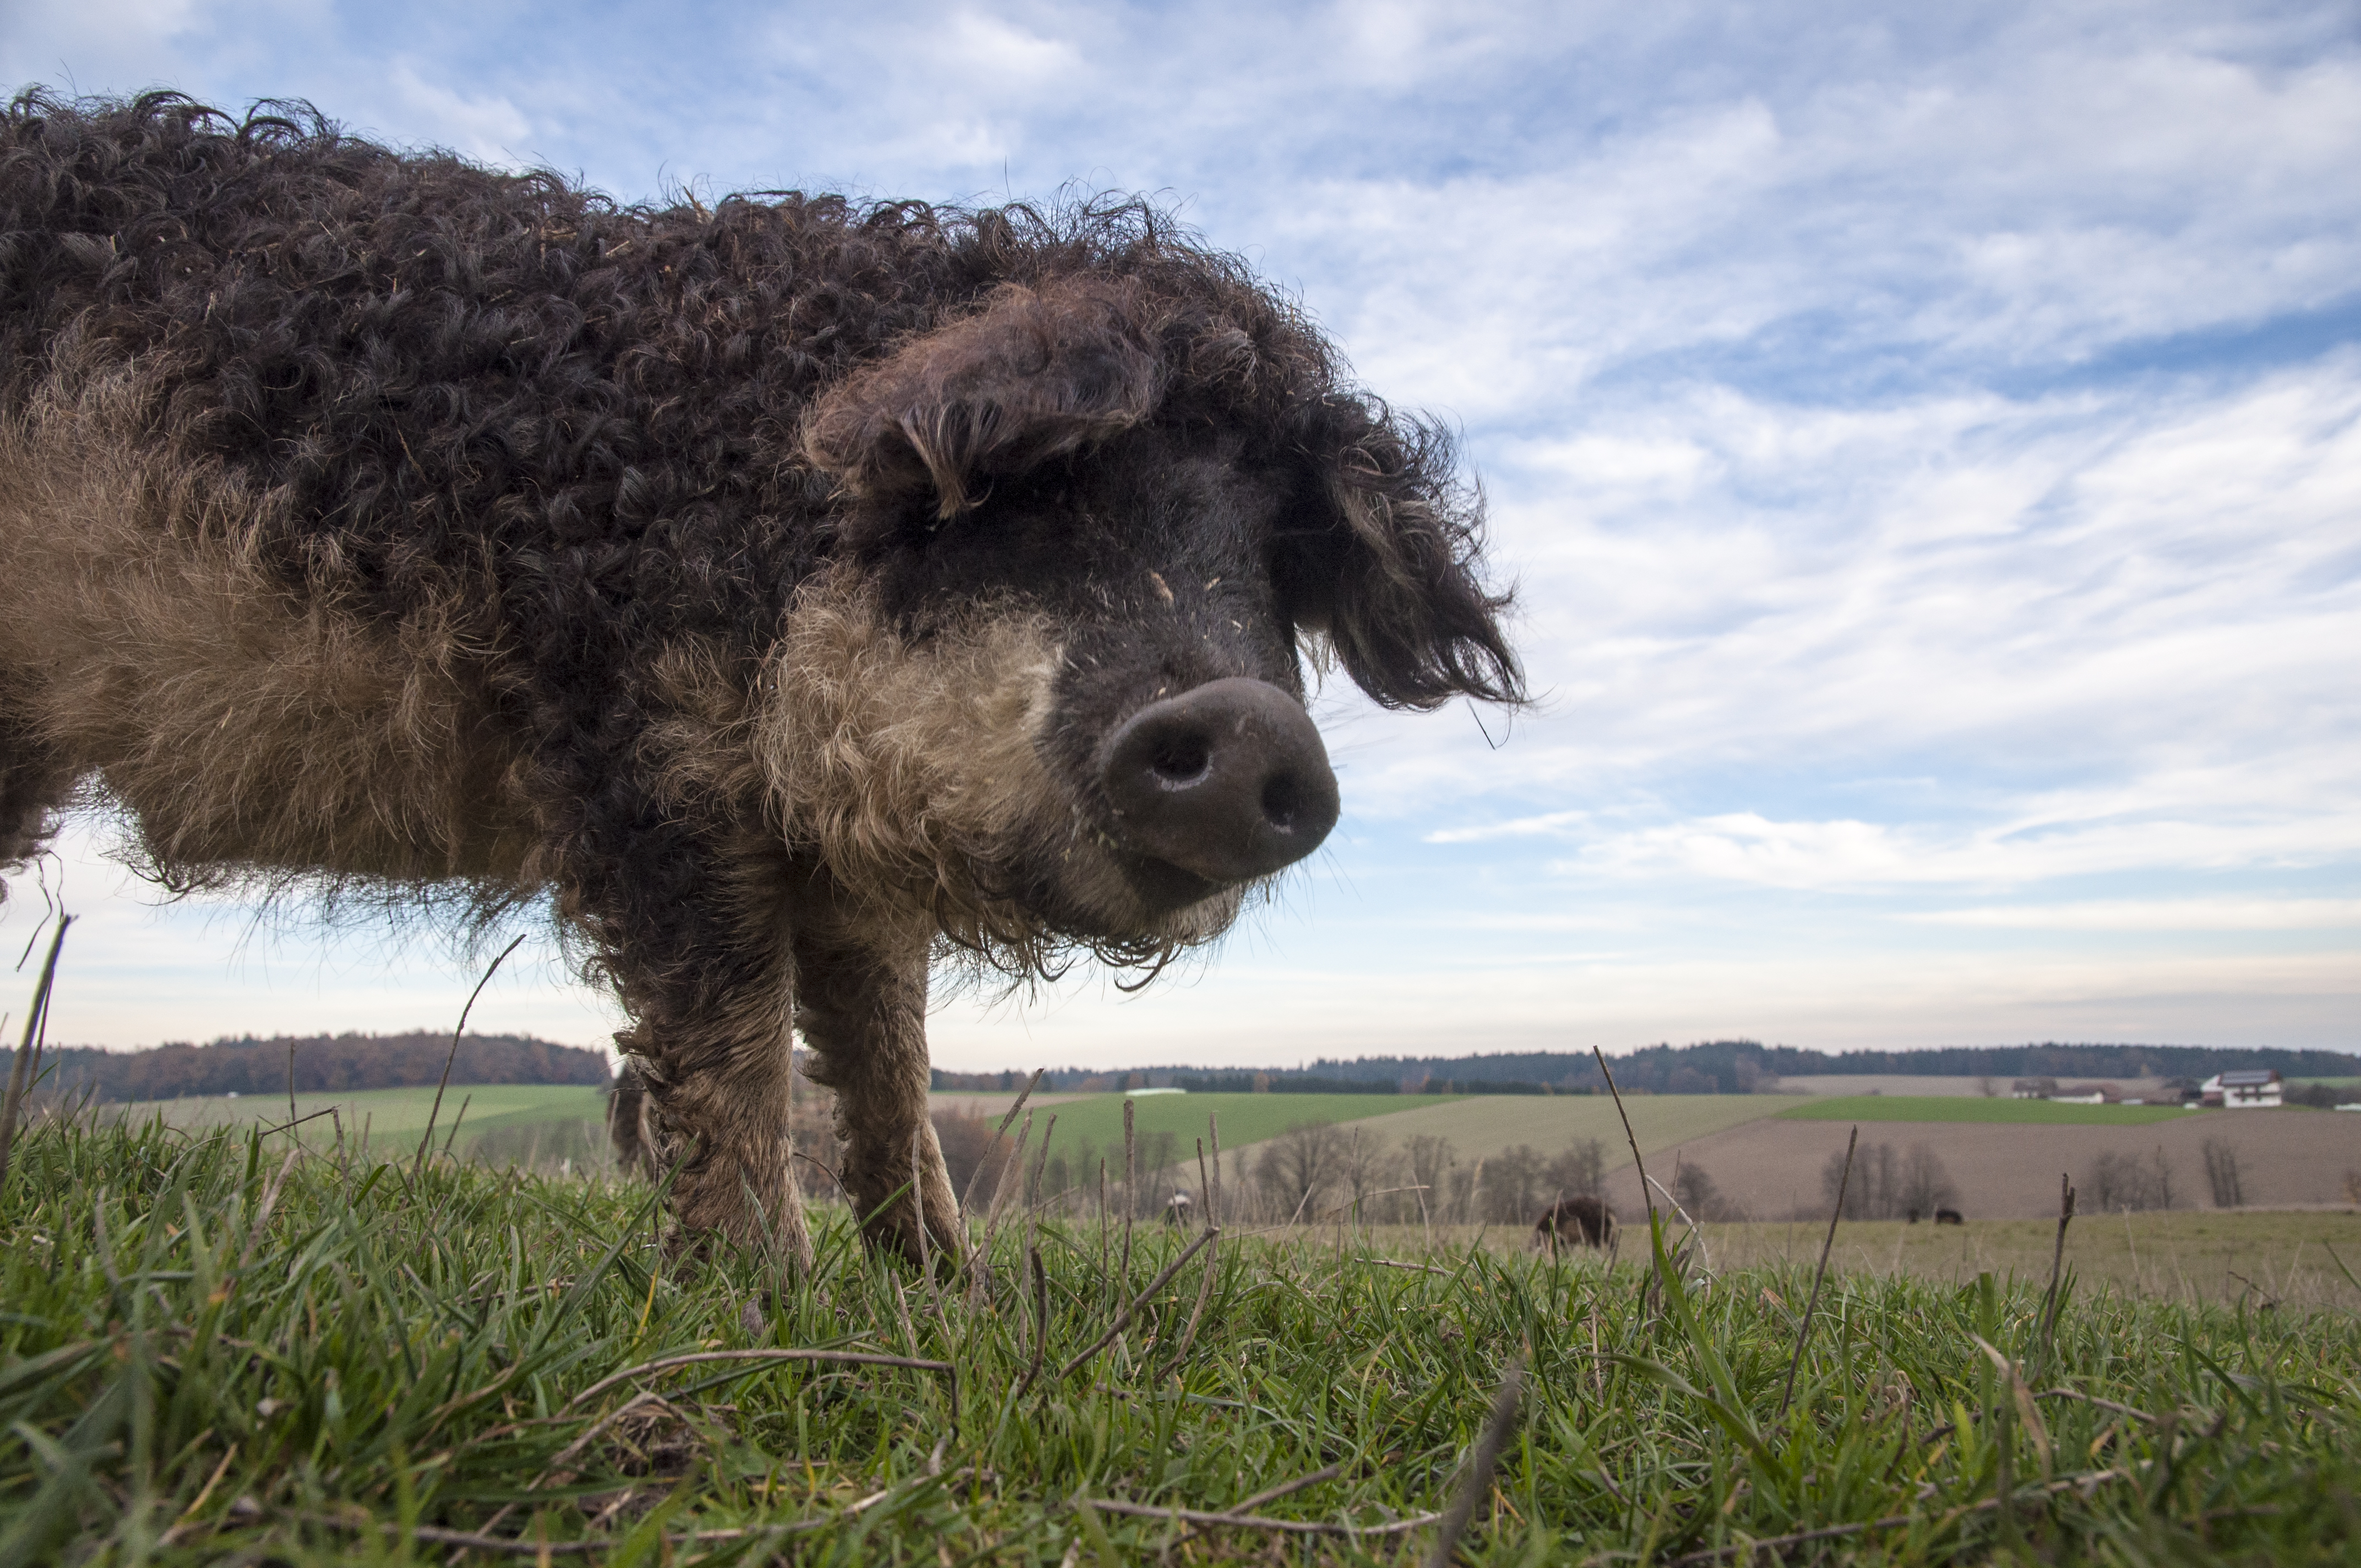 Freiland Verband, Nutztierhaltung, Freilandhaltung, Mangalitza, Schwein, Wollschwein im freien